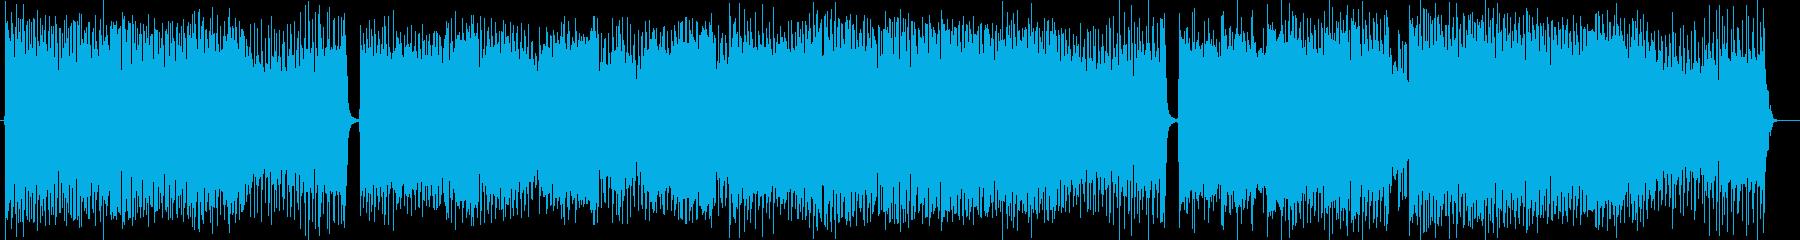 ギターのメロディがワイルドなポップロックの再生済みの波形